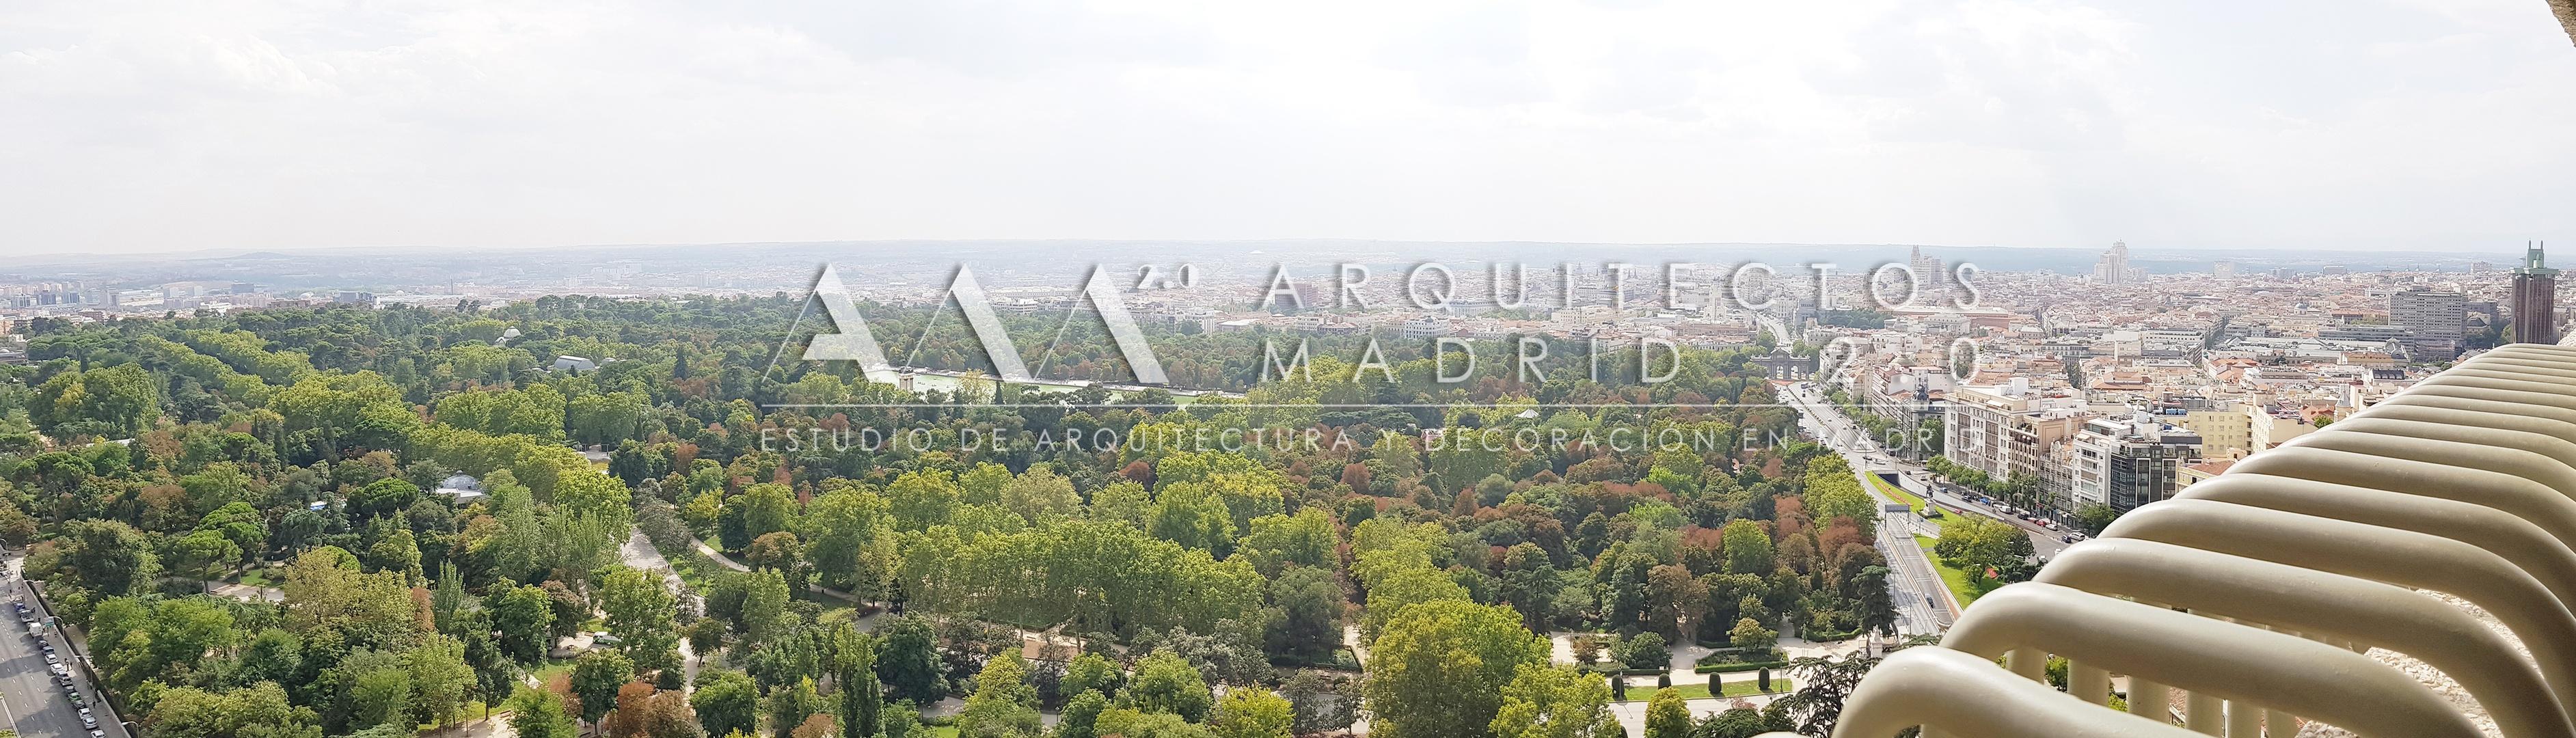 inversion-inmobiliaria-madrid-real-state-consulting-arquitectos-madrid